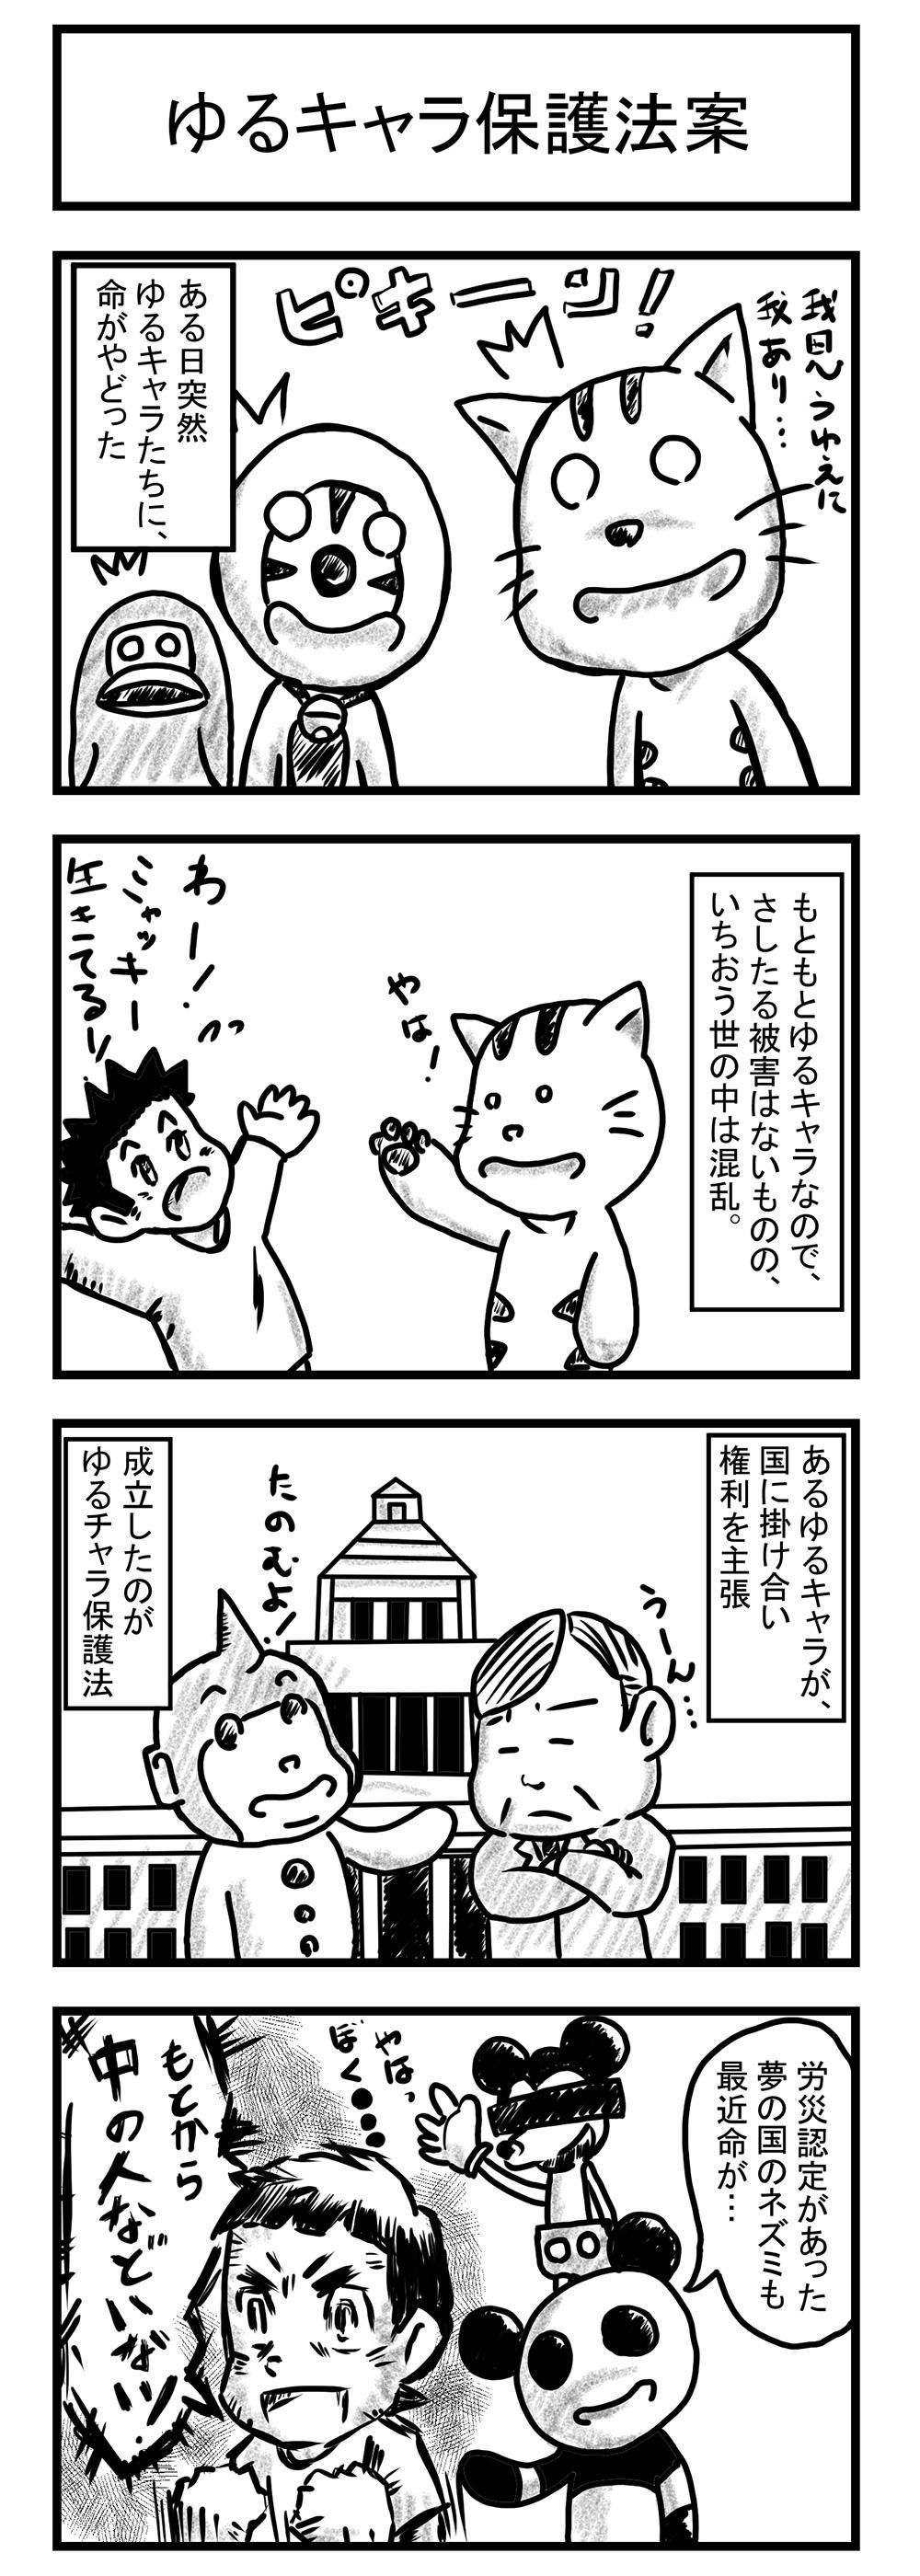 4コマ漫画「ダ!パンダ」その3(Raytrektabで描く漫画)#4コマ漫画 #Raytrektab